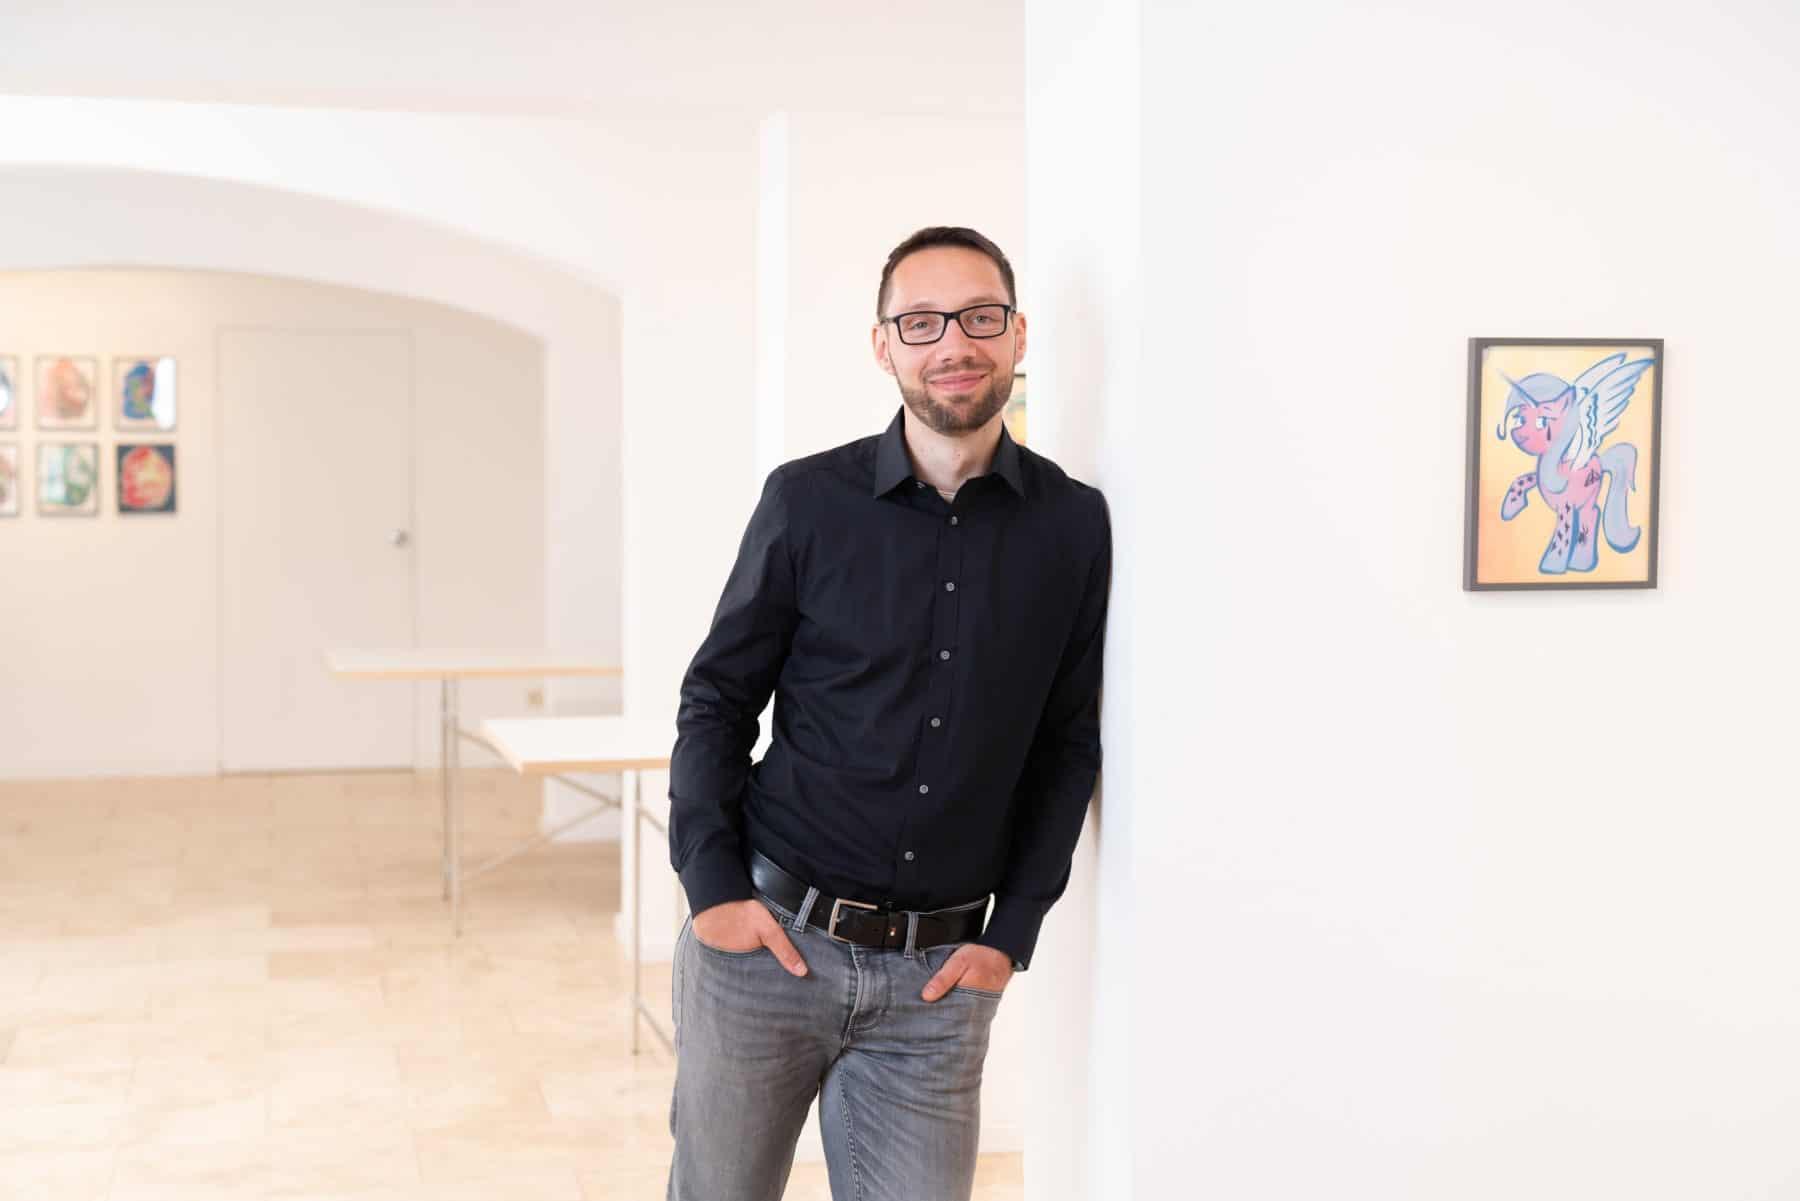 Kilian Springer Anwalt Startup Urheberrecht Kanzlei KTR